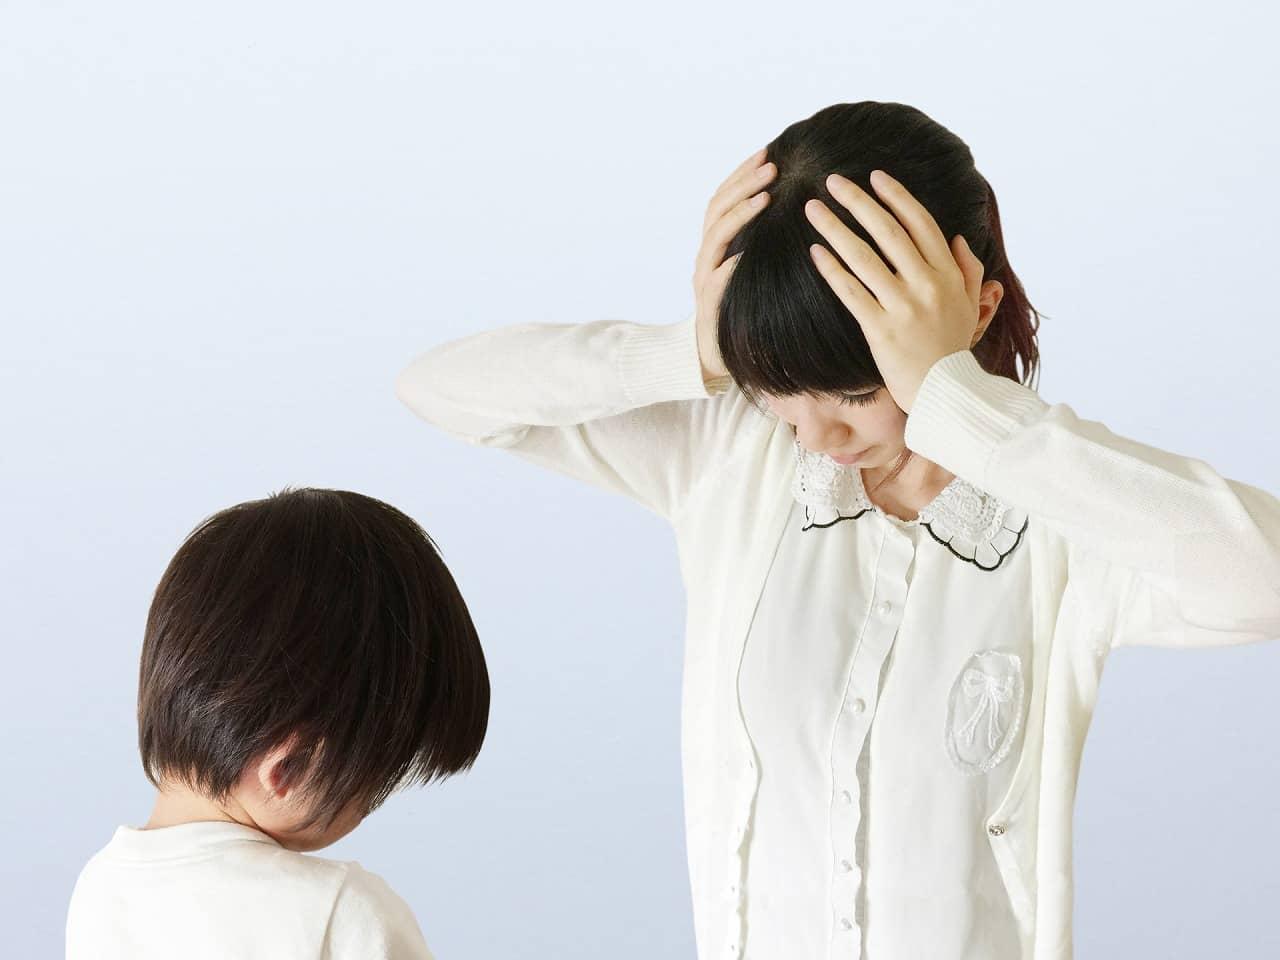 これって育児放棄かも?「子育てを放棄したい」と思ったら、パパママはどうすればいい?